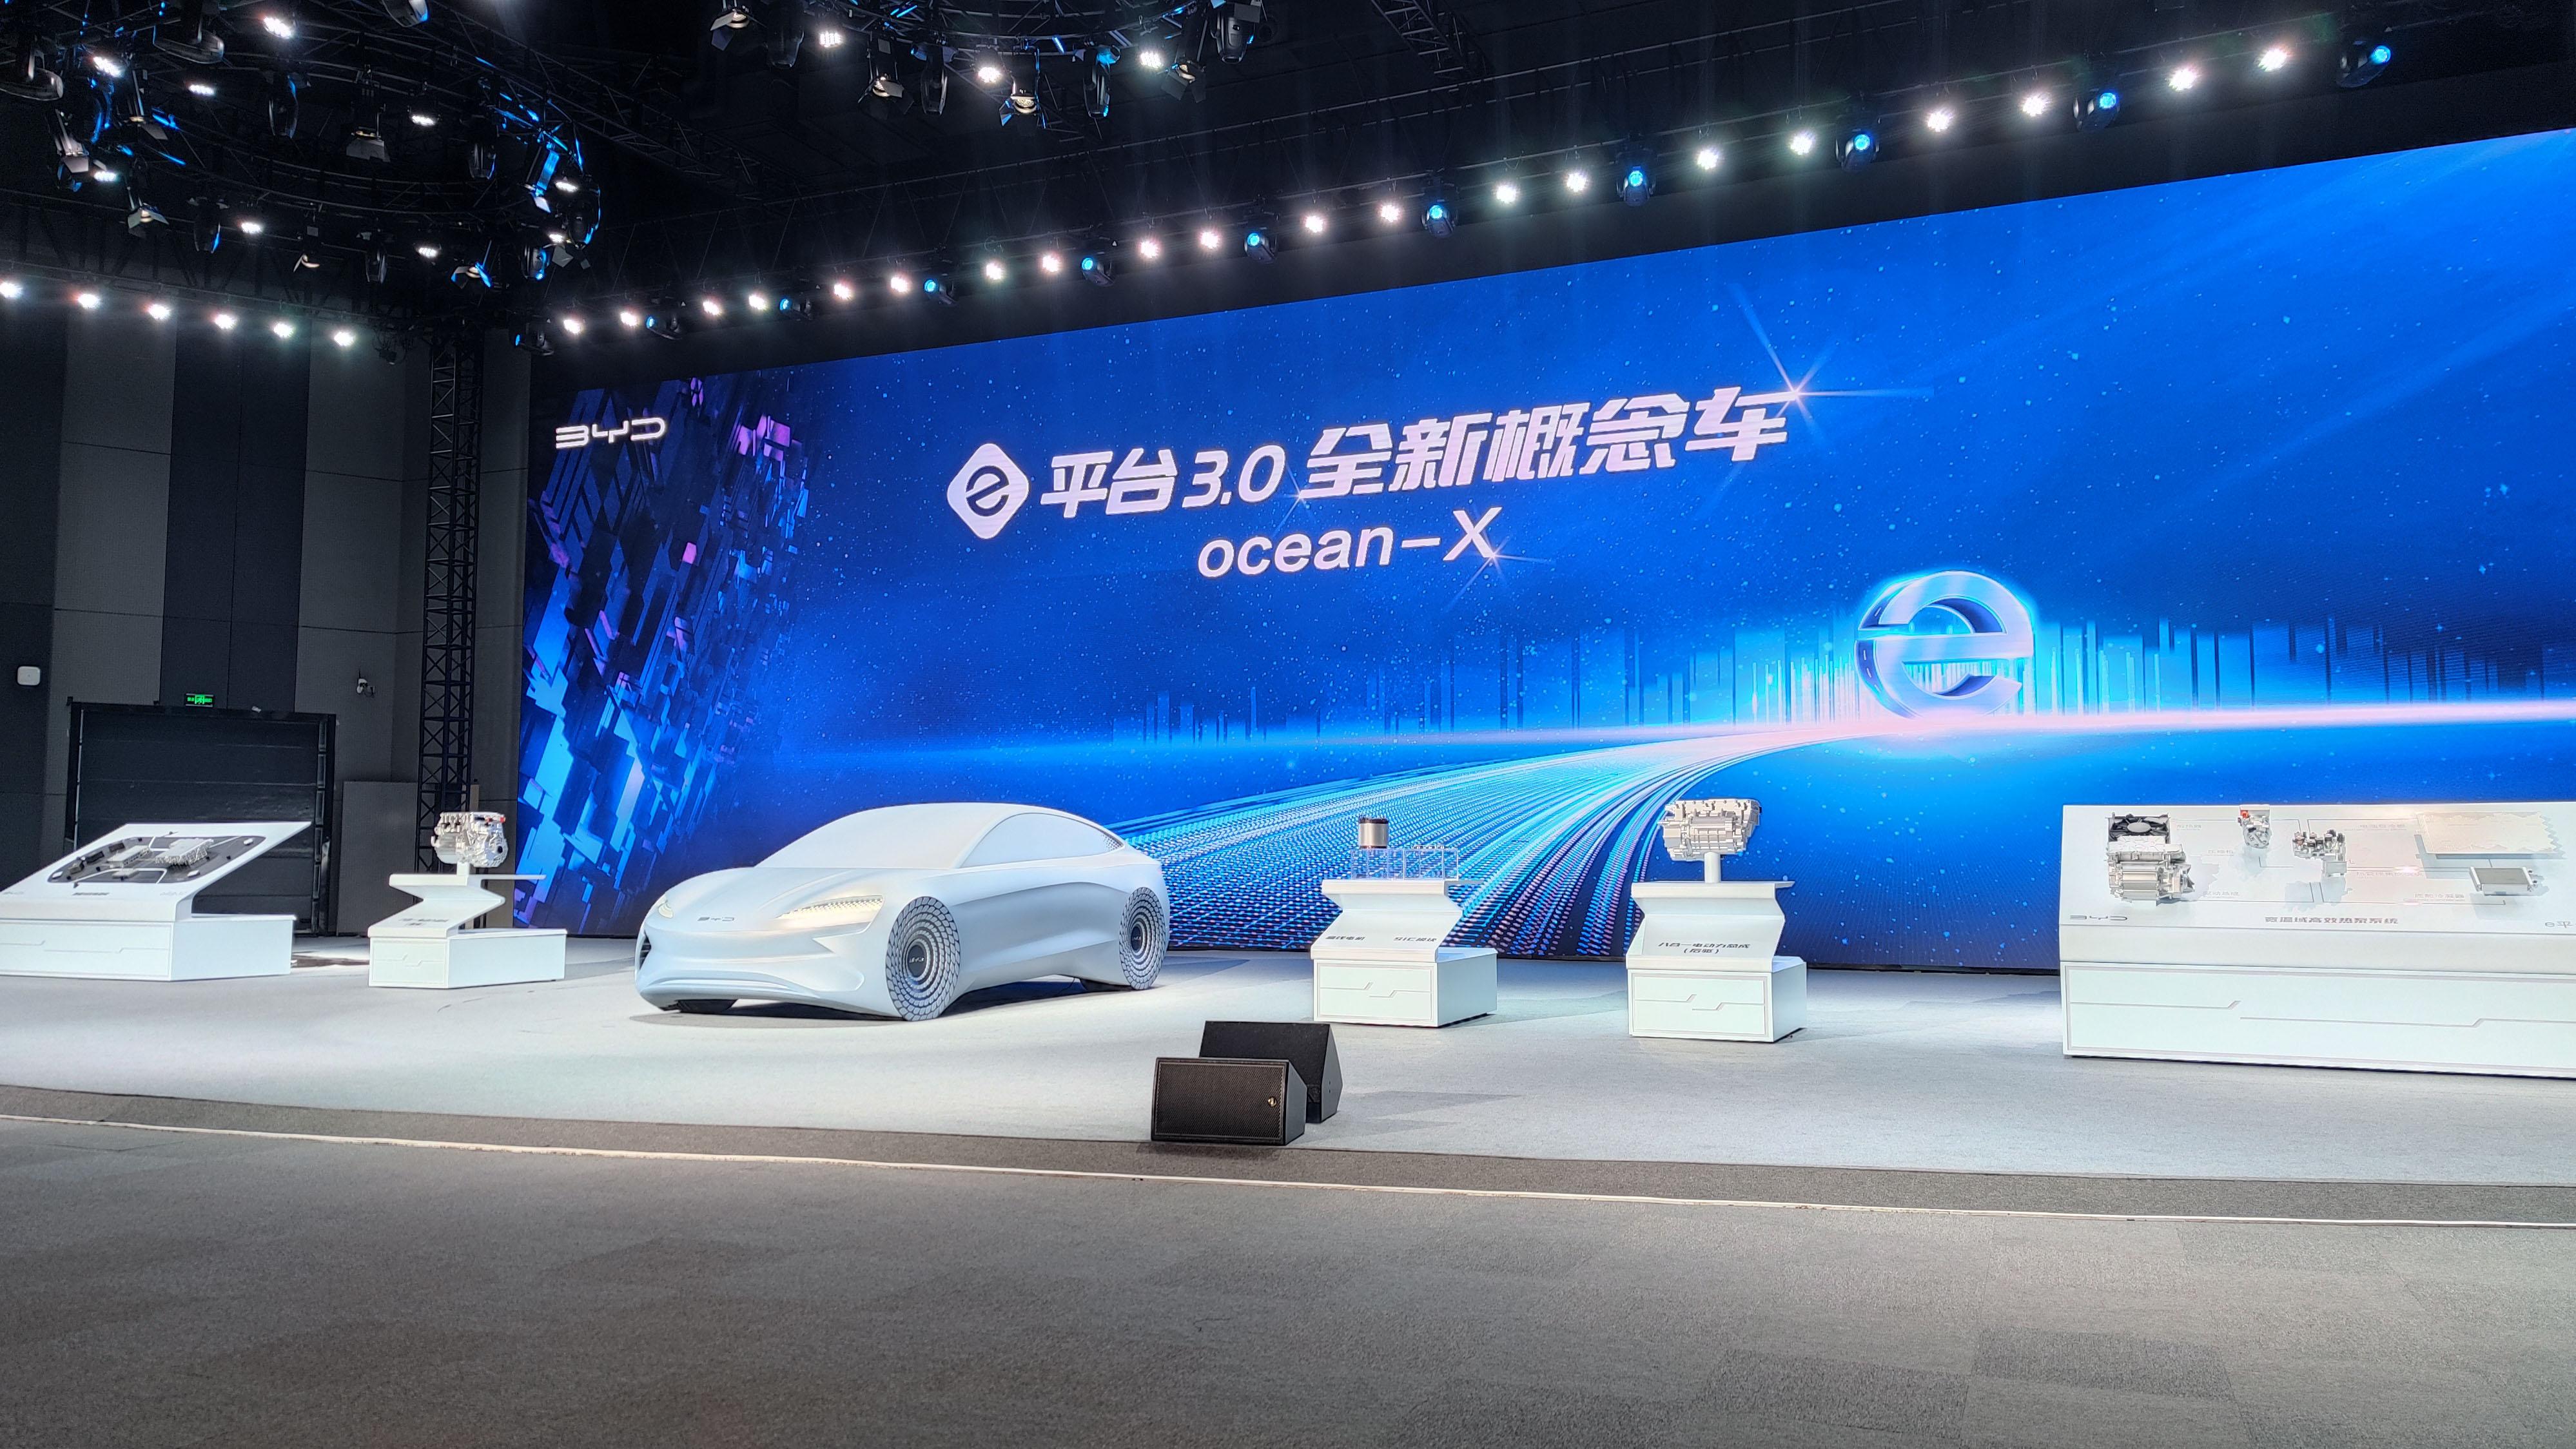 全新概念车ocean-X首秀,比亚迪e平台3.0有多厉害?